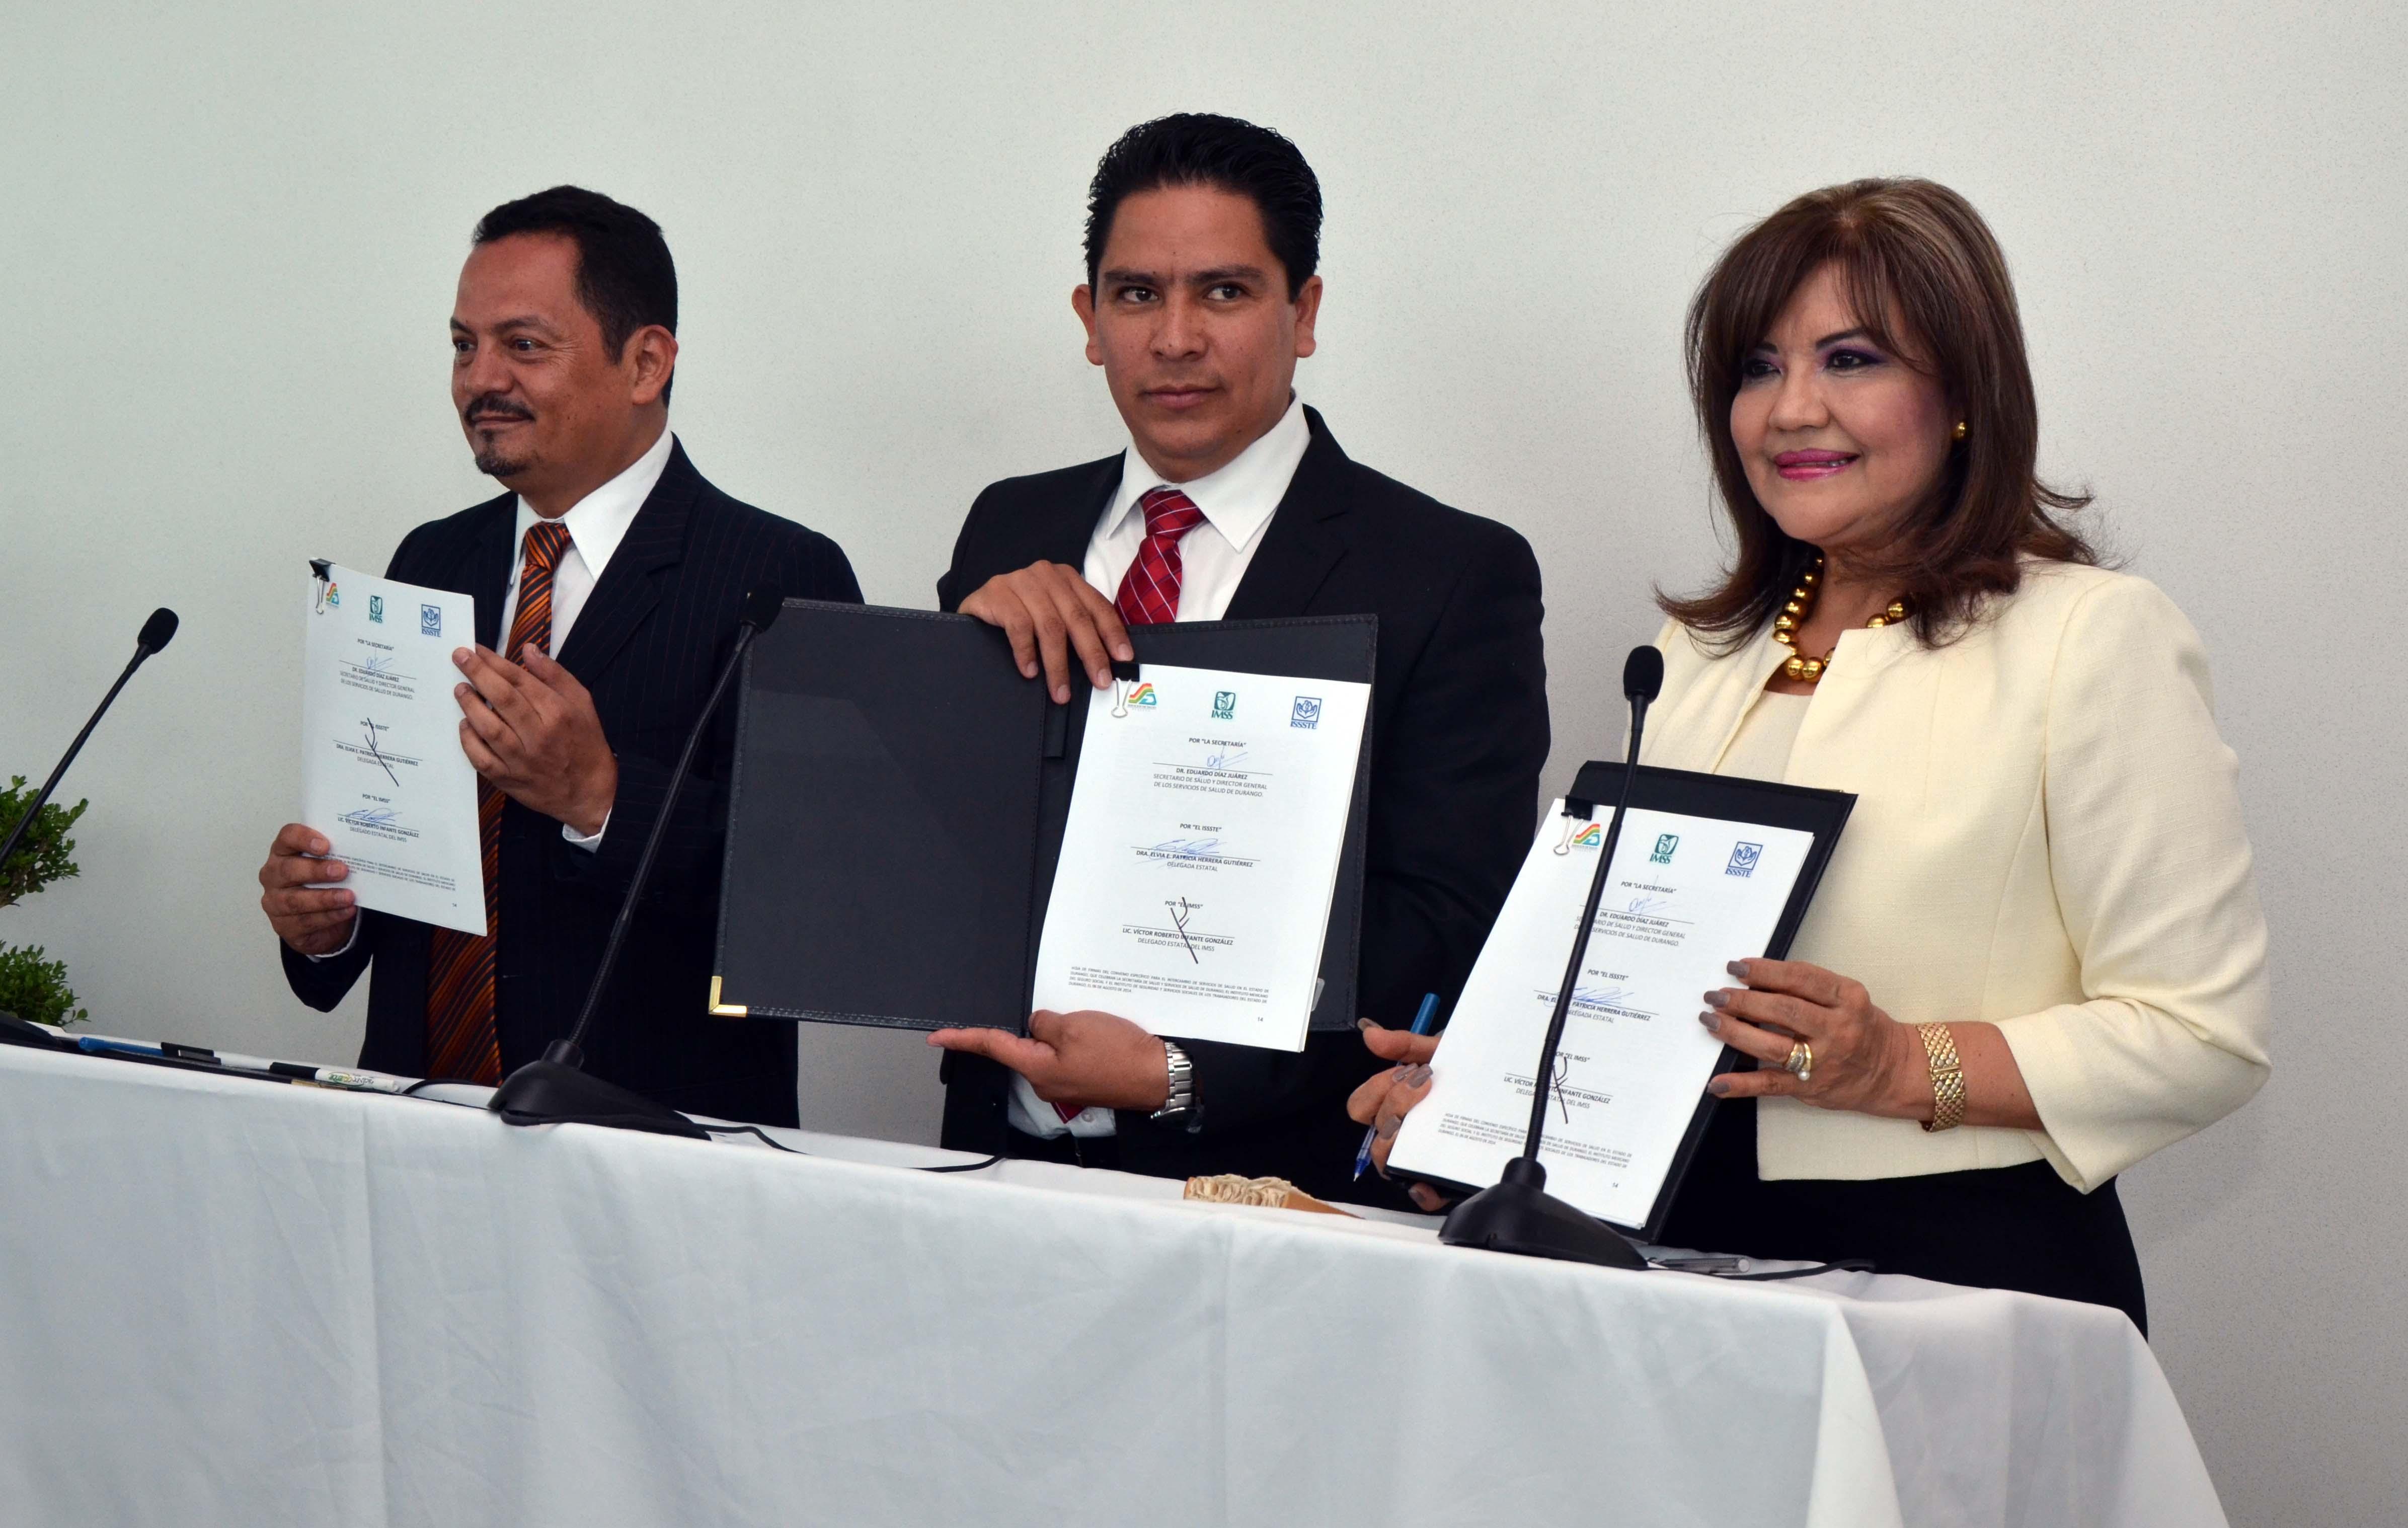 Durango pionero en intercambio de servicios de salud